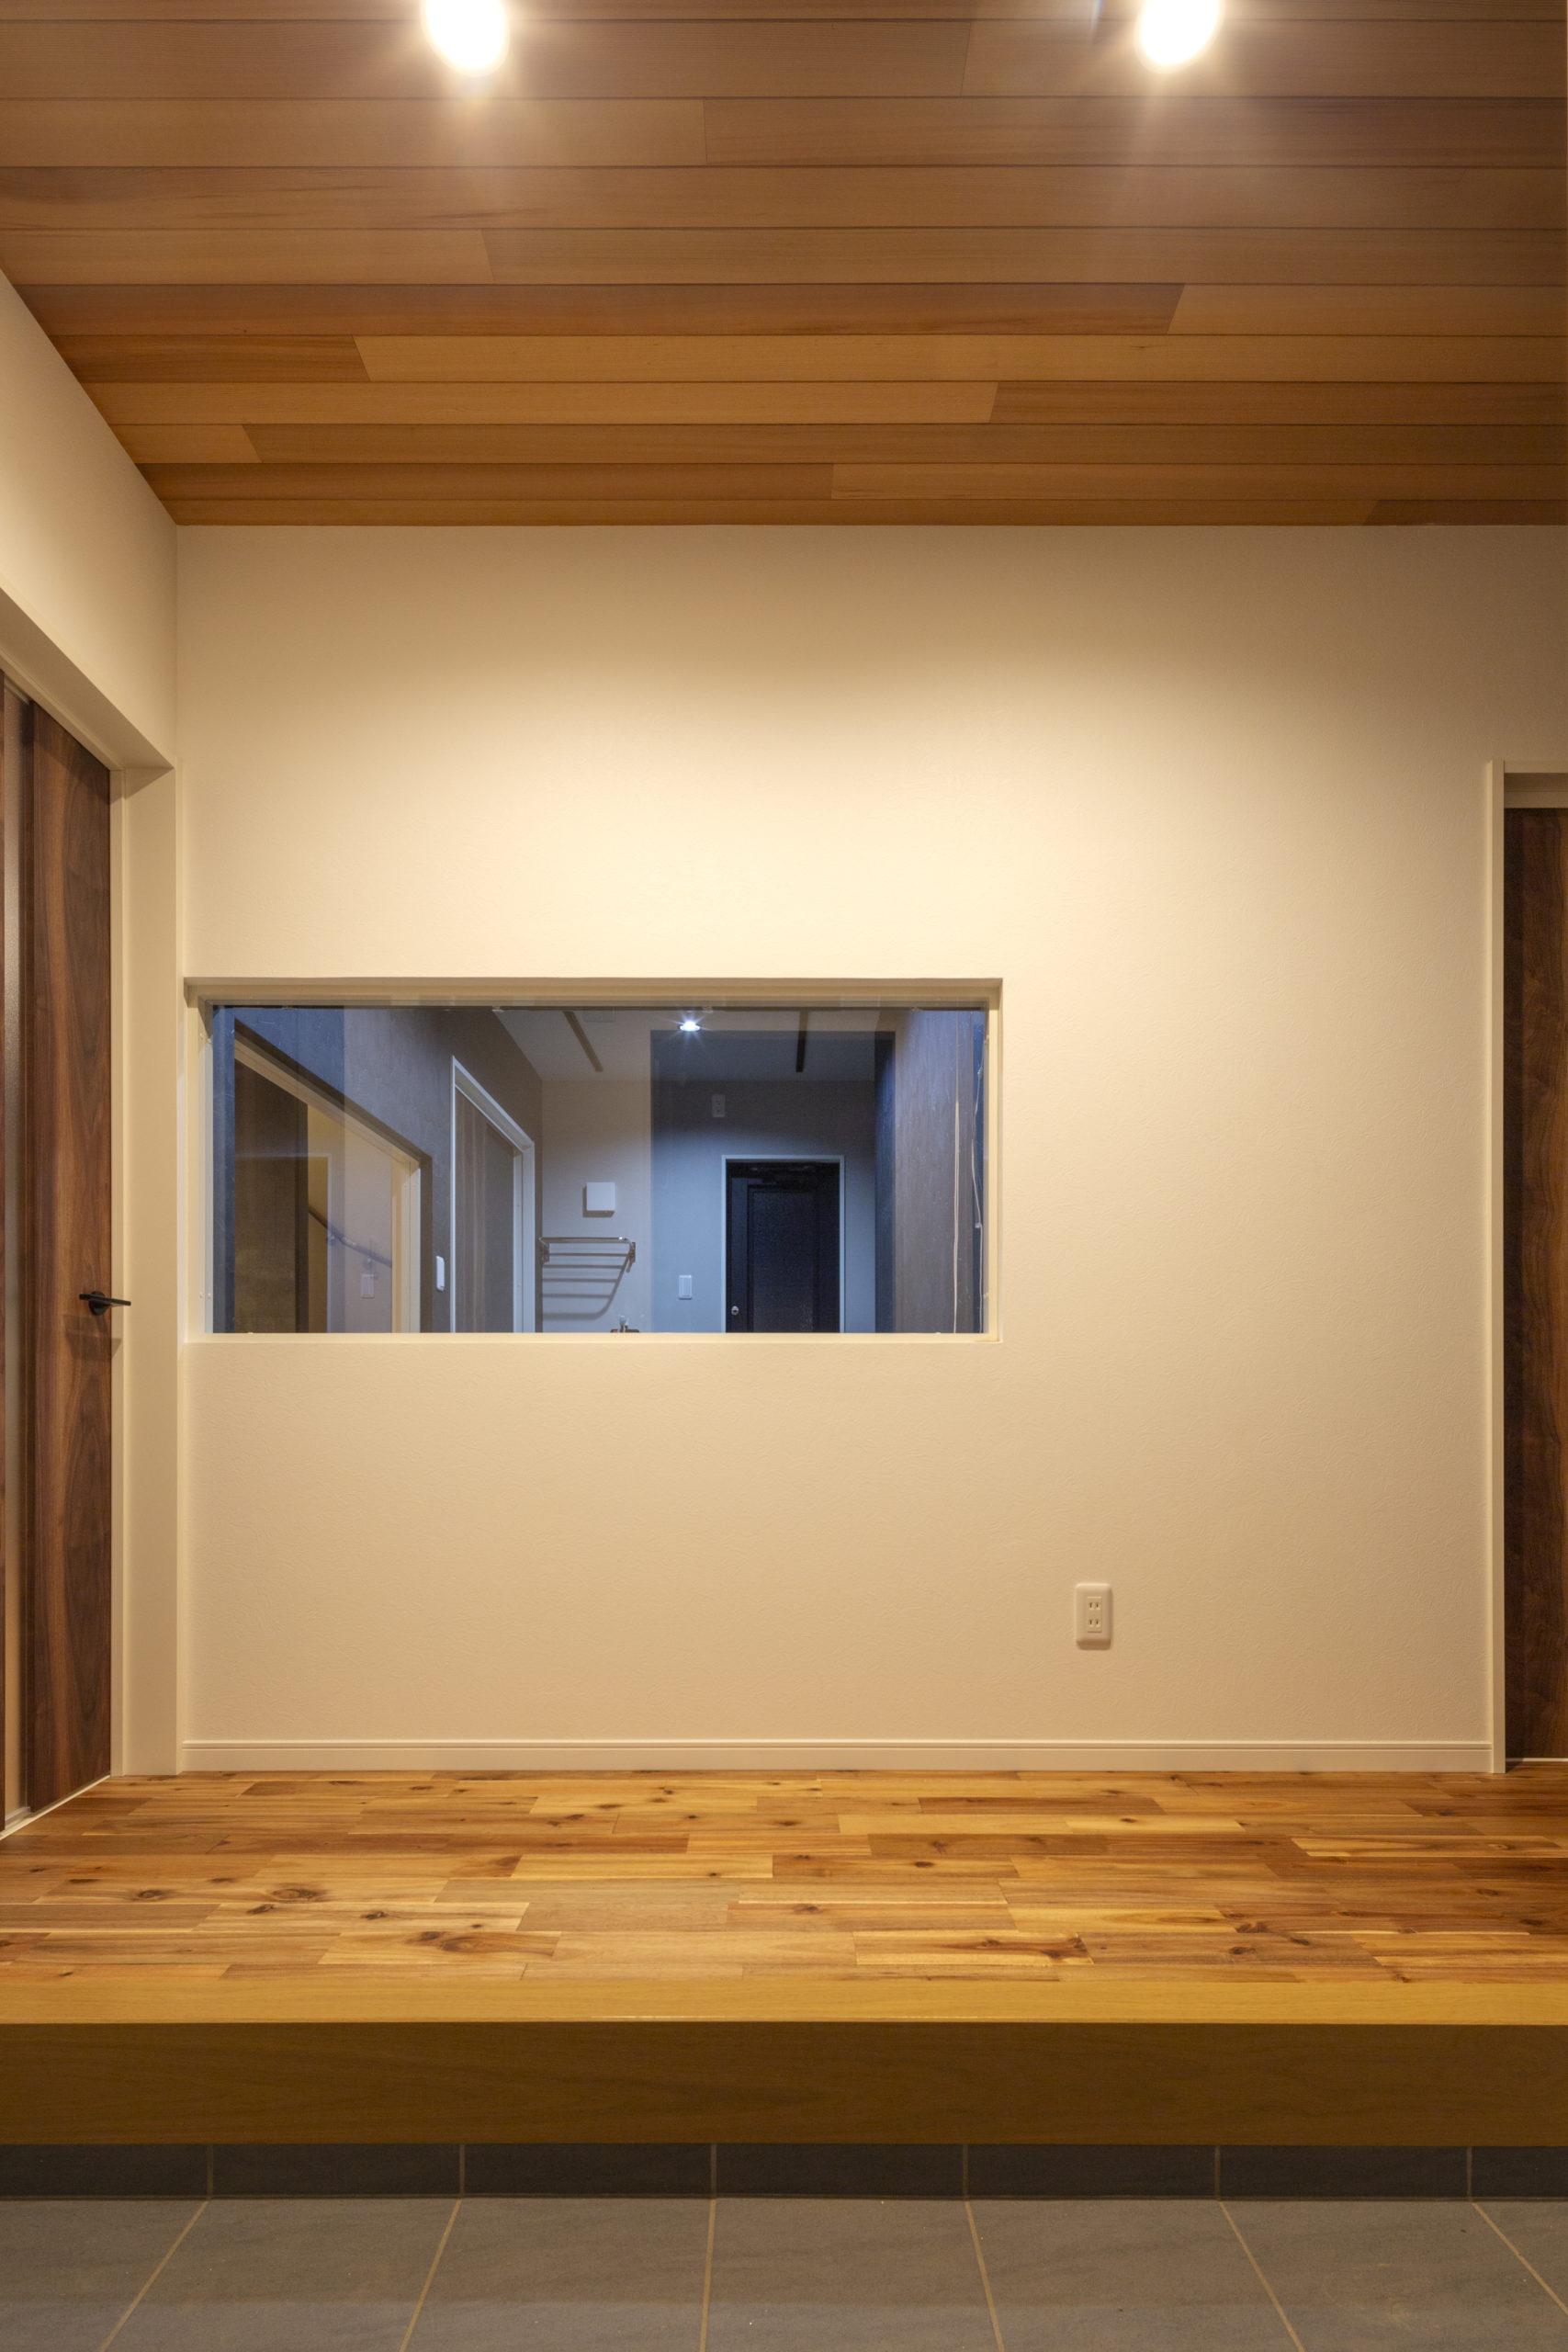 福山市の注文住宅|今井住建の施工事例ギャラリー「ガラス越しにアトリウムが見える玄関」